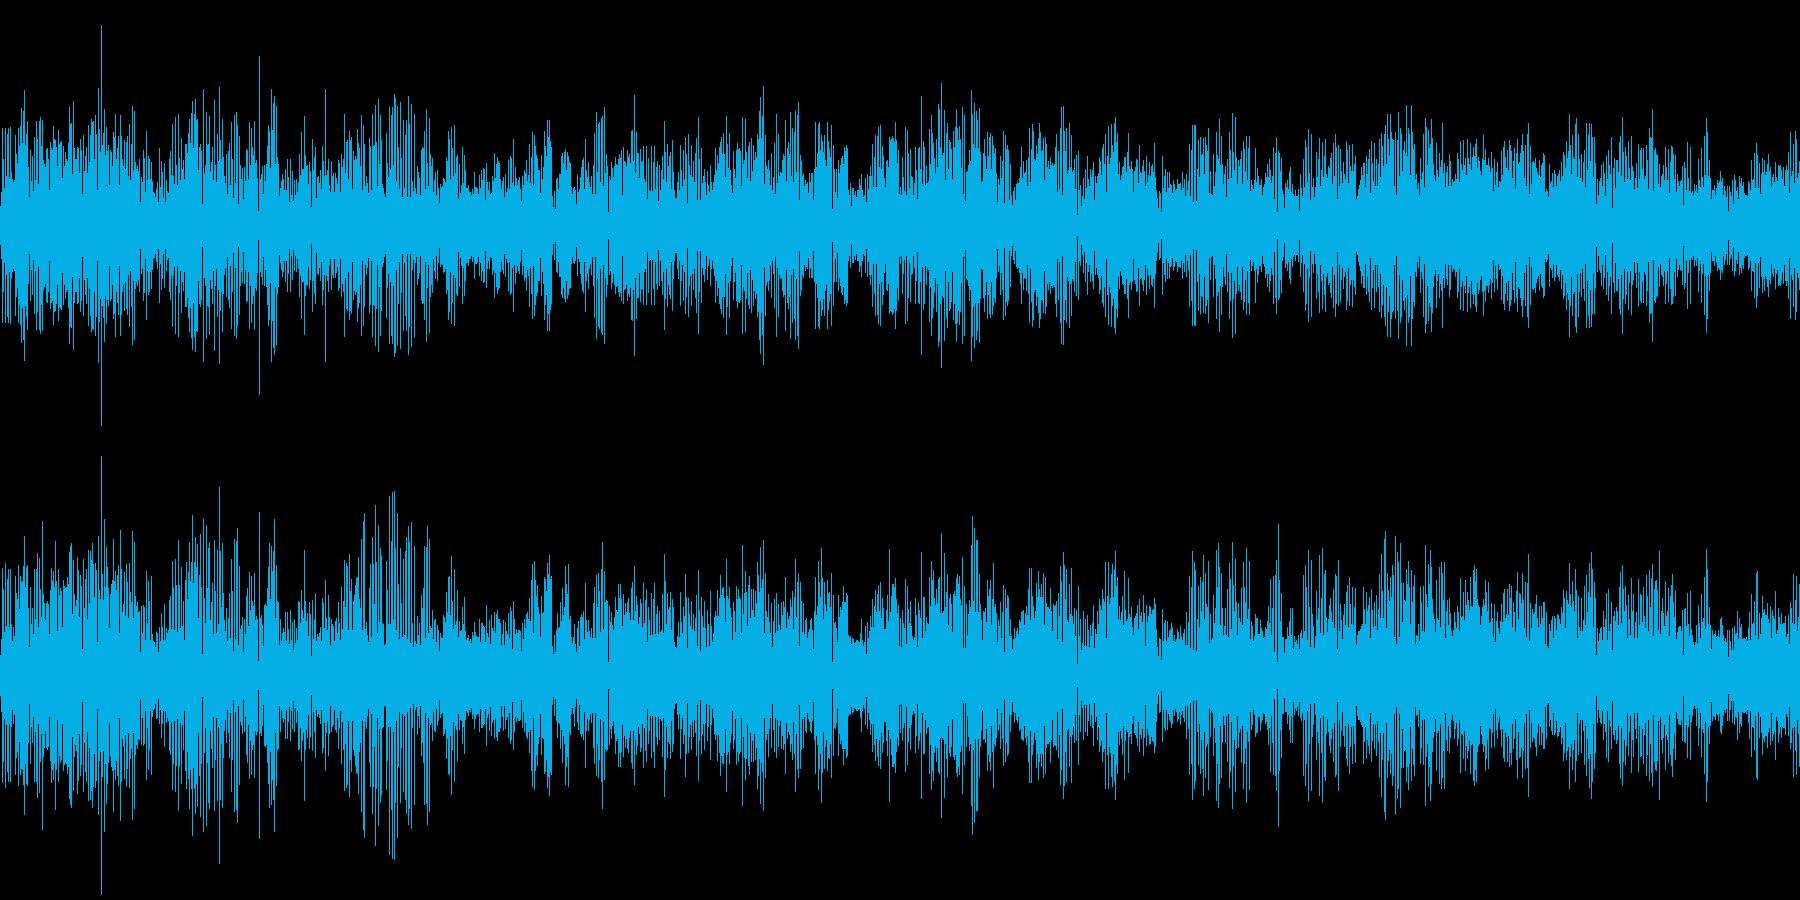 カエルの大合唱(環境音)の再生済みの波形